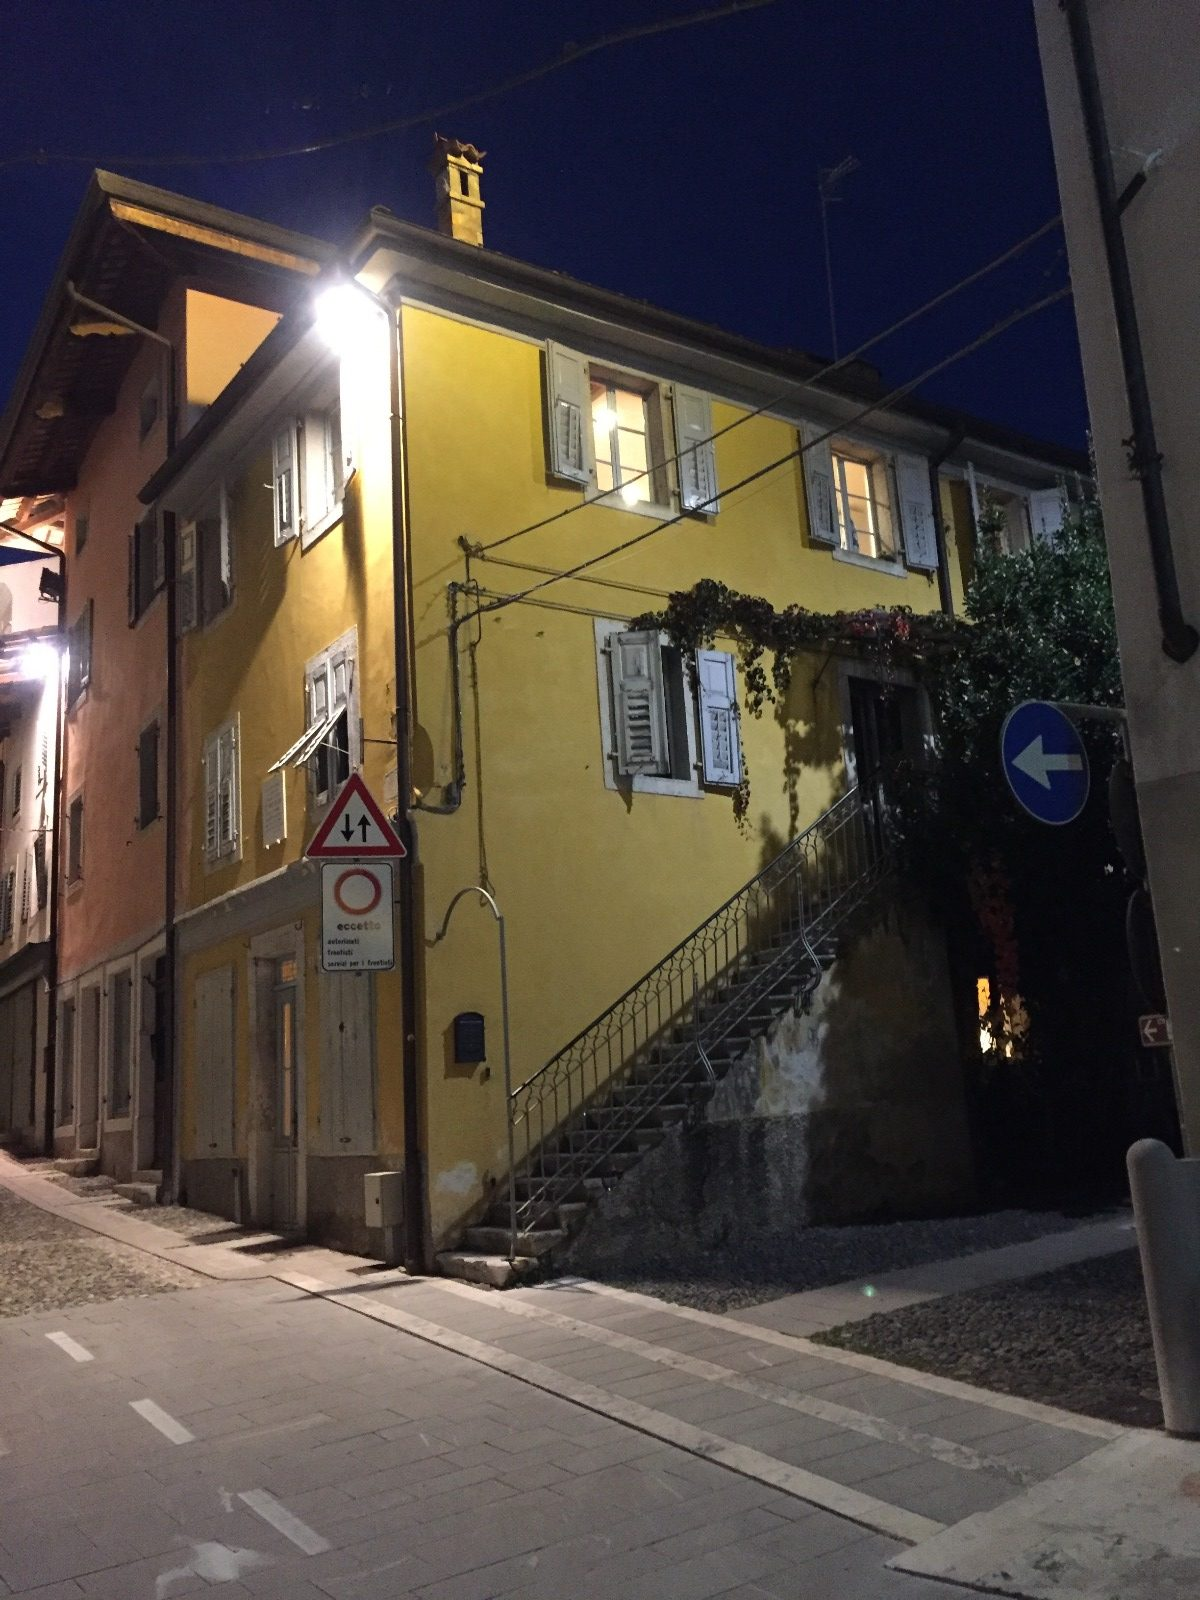 Immagine in Evidenza post id 4744